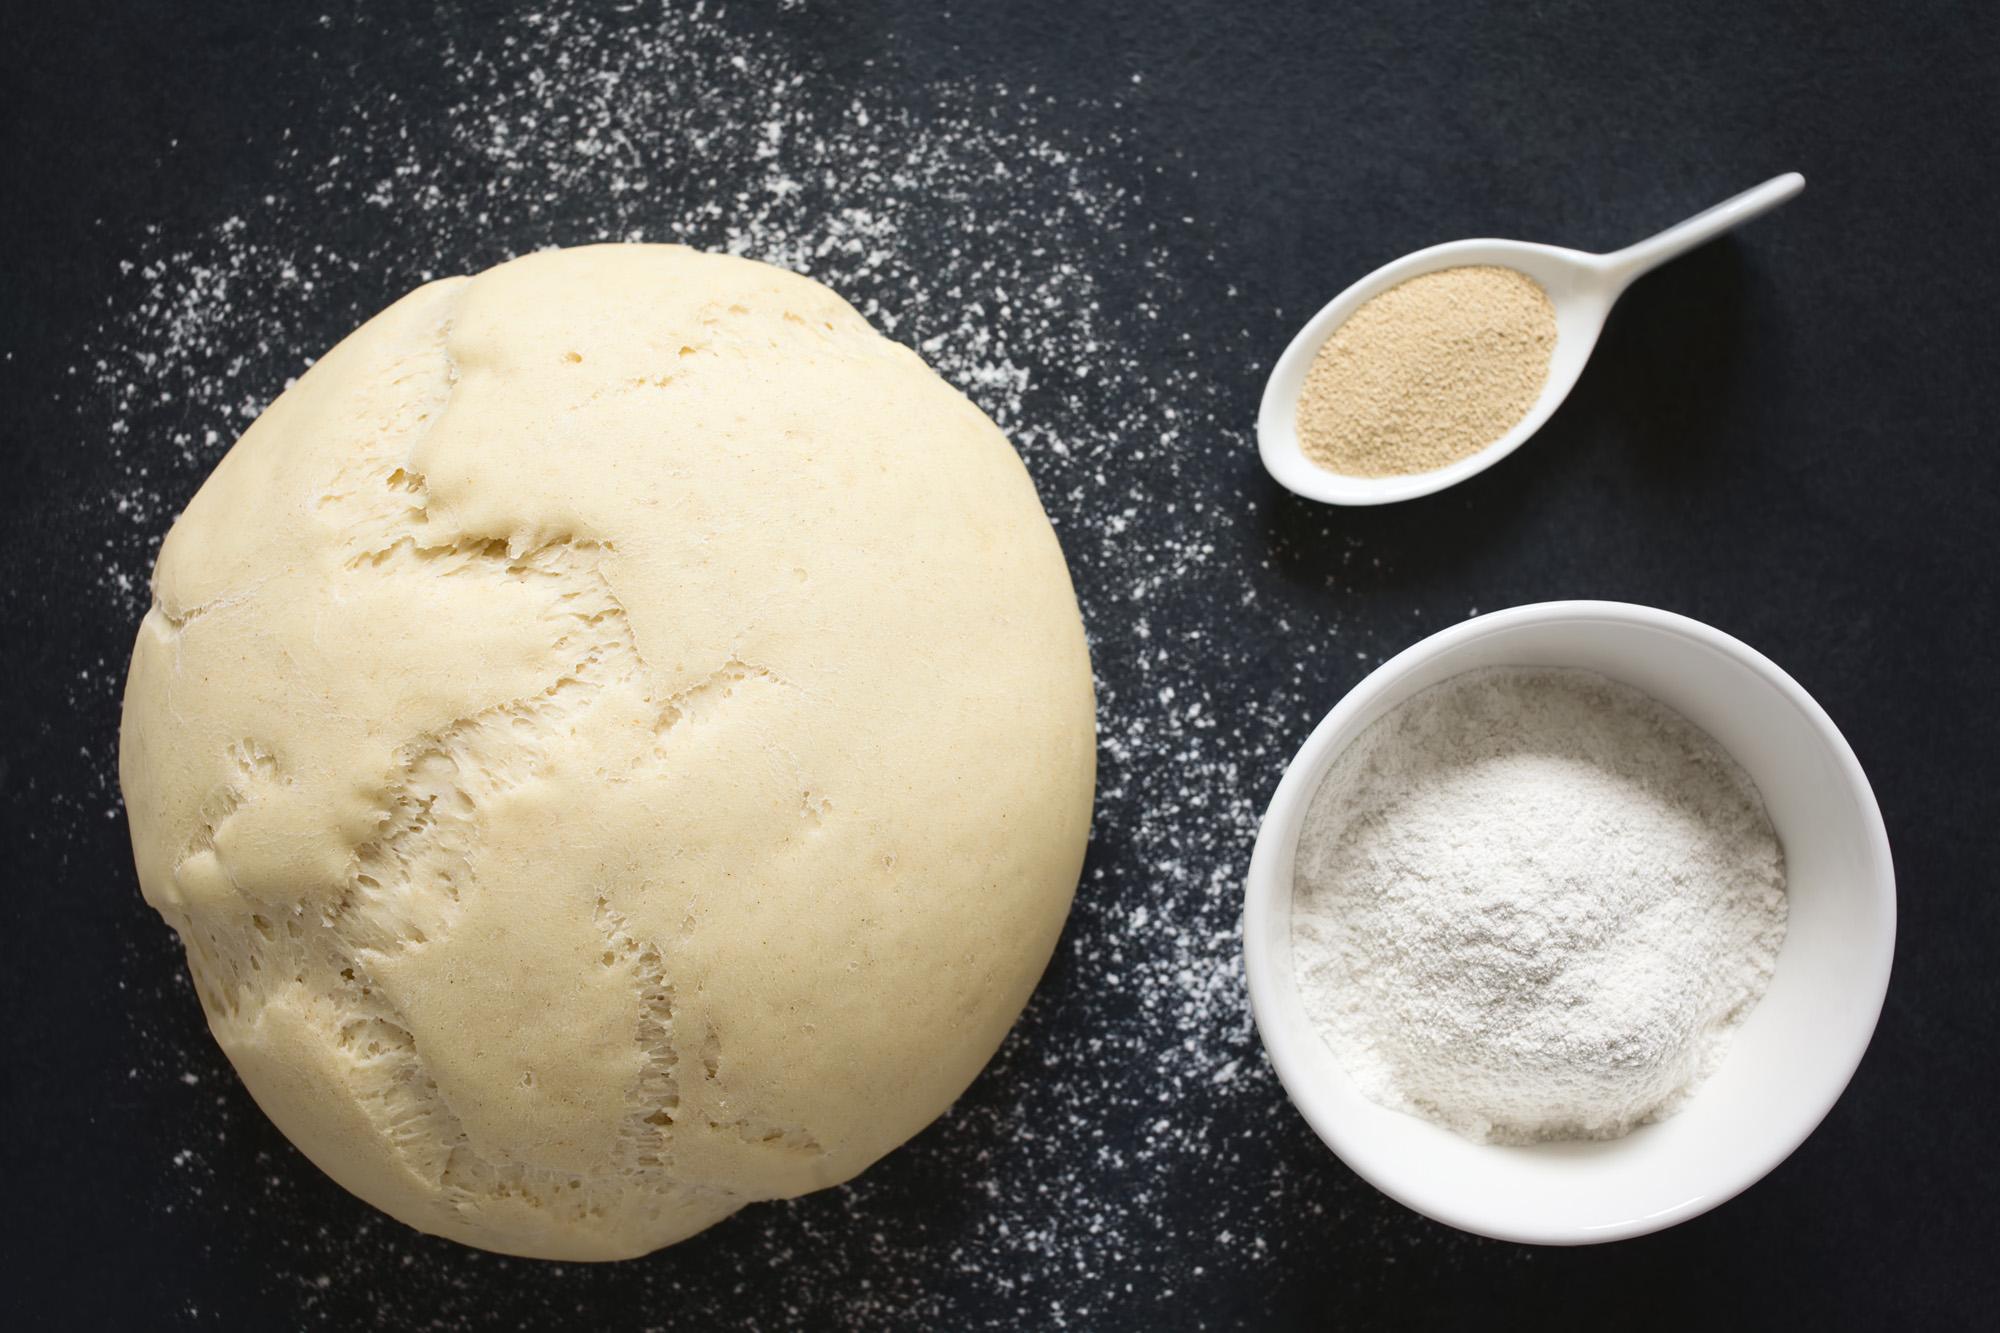 Simple ingredients